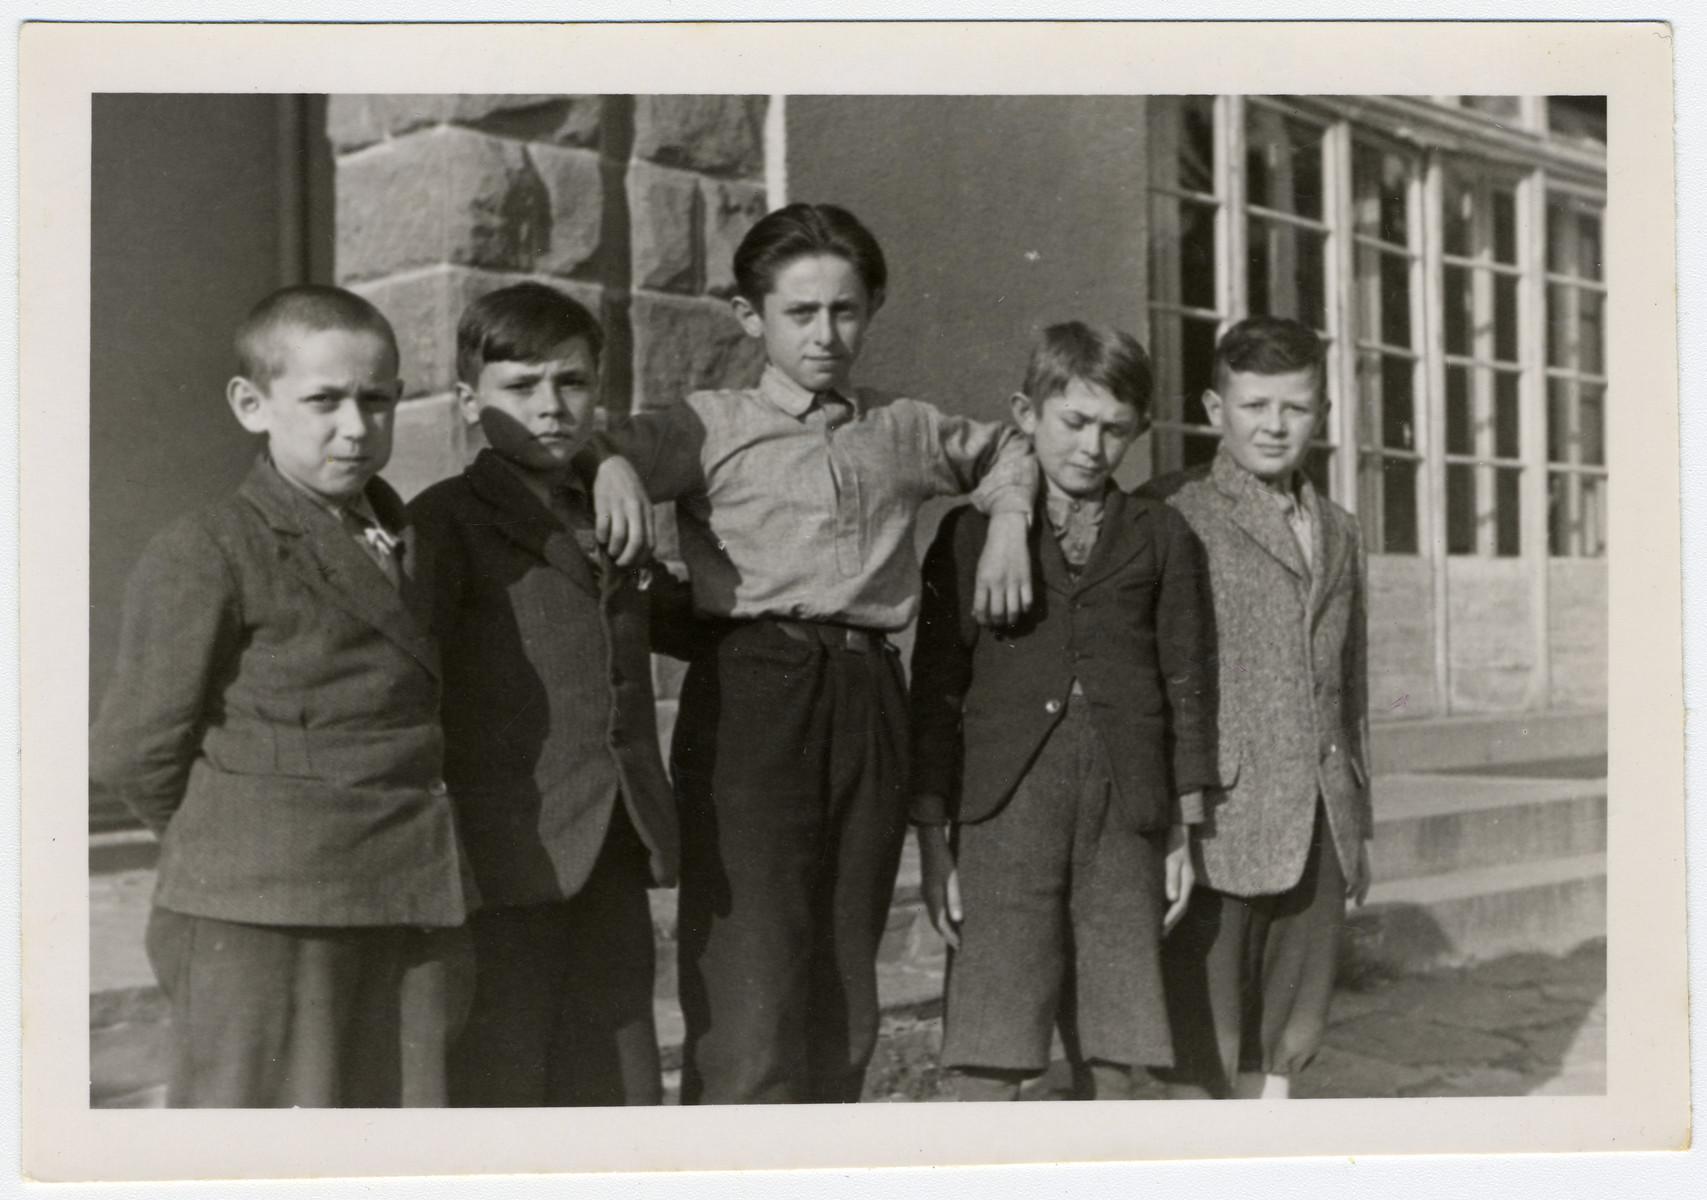 Portrait of young children in the Ziegenhain displaced persons' camp.  Pictured are Nachum Barvinski, Max Millen, Mischa Schneider, Felix Rickower, and Ruman Ichuda.